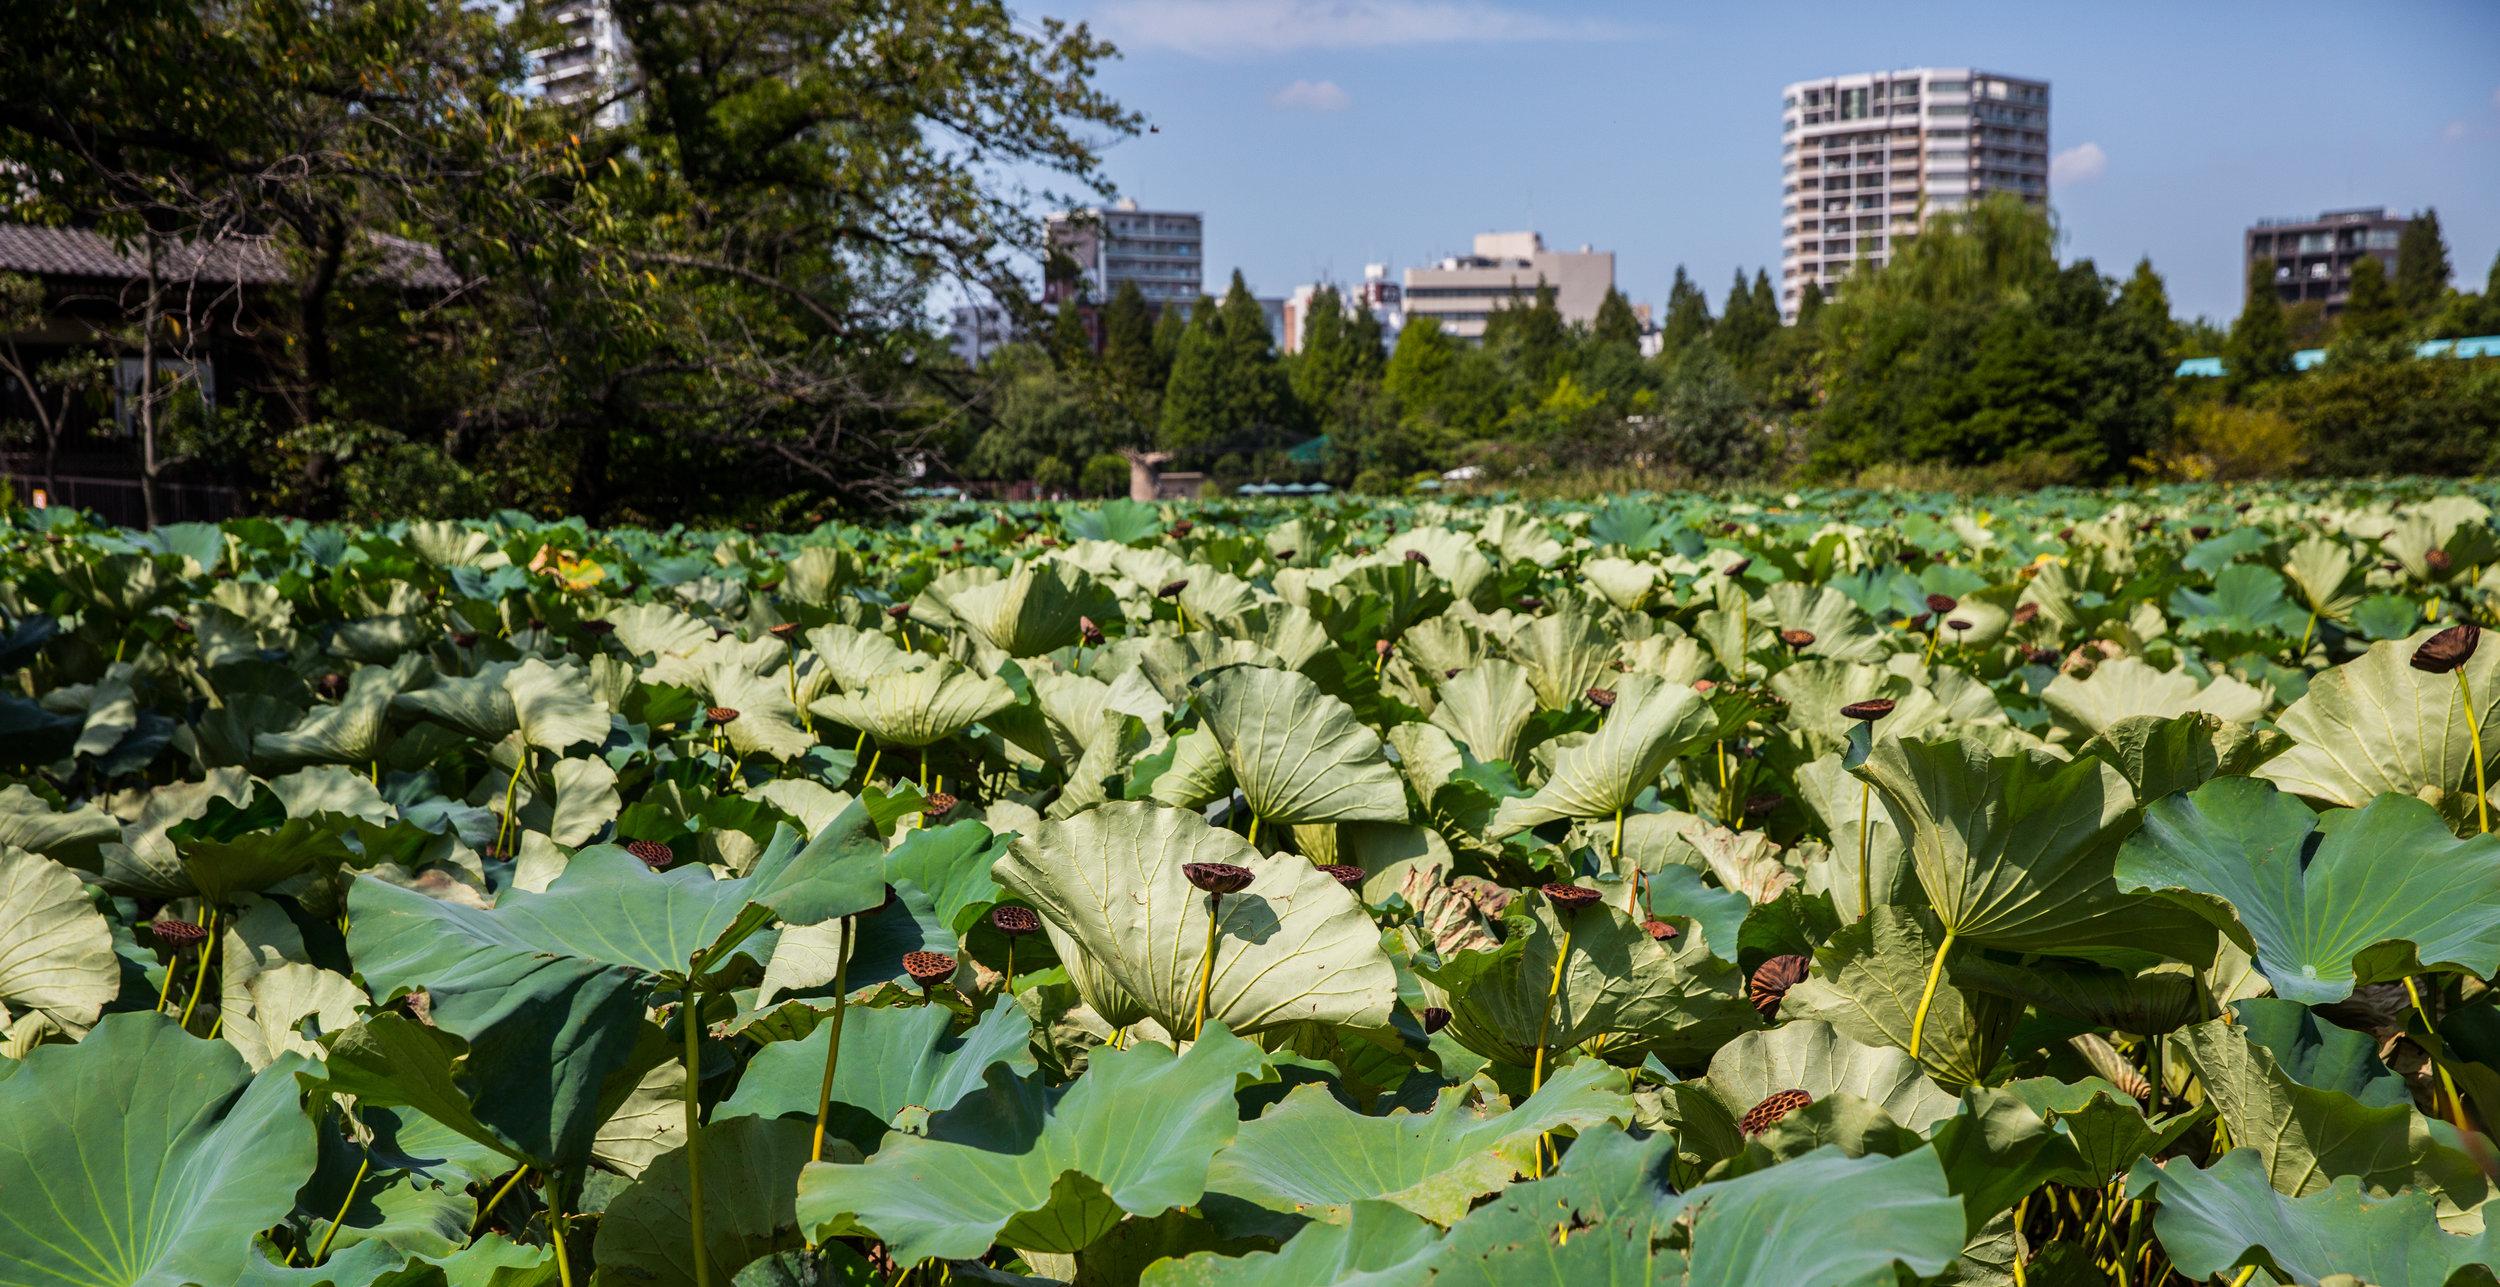 Shinobazuno Pond